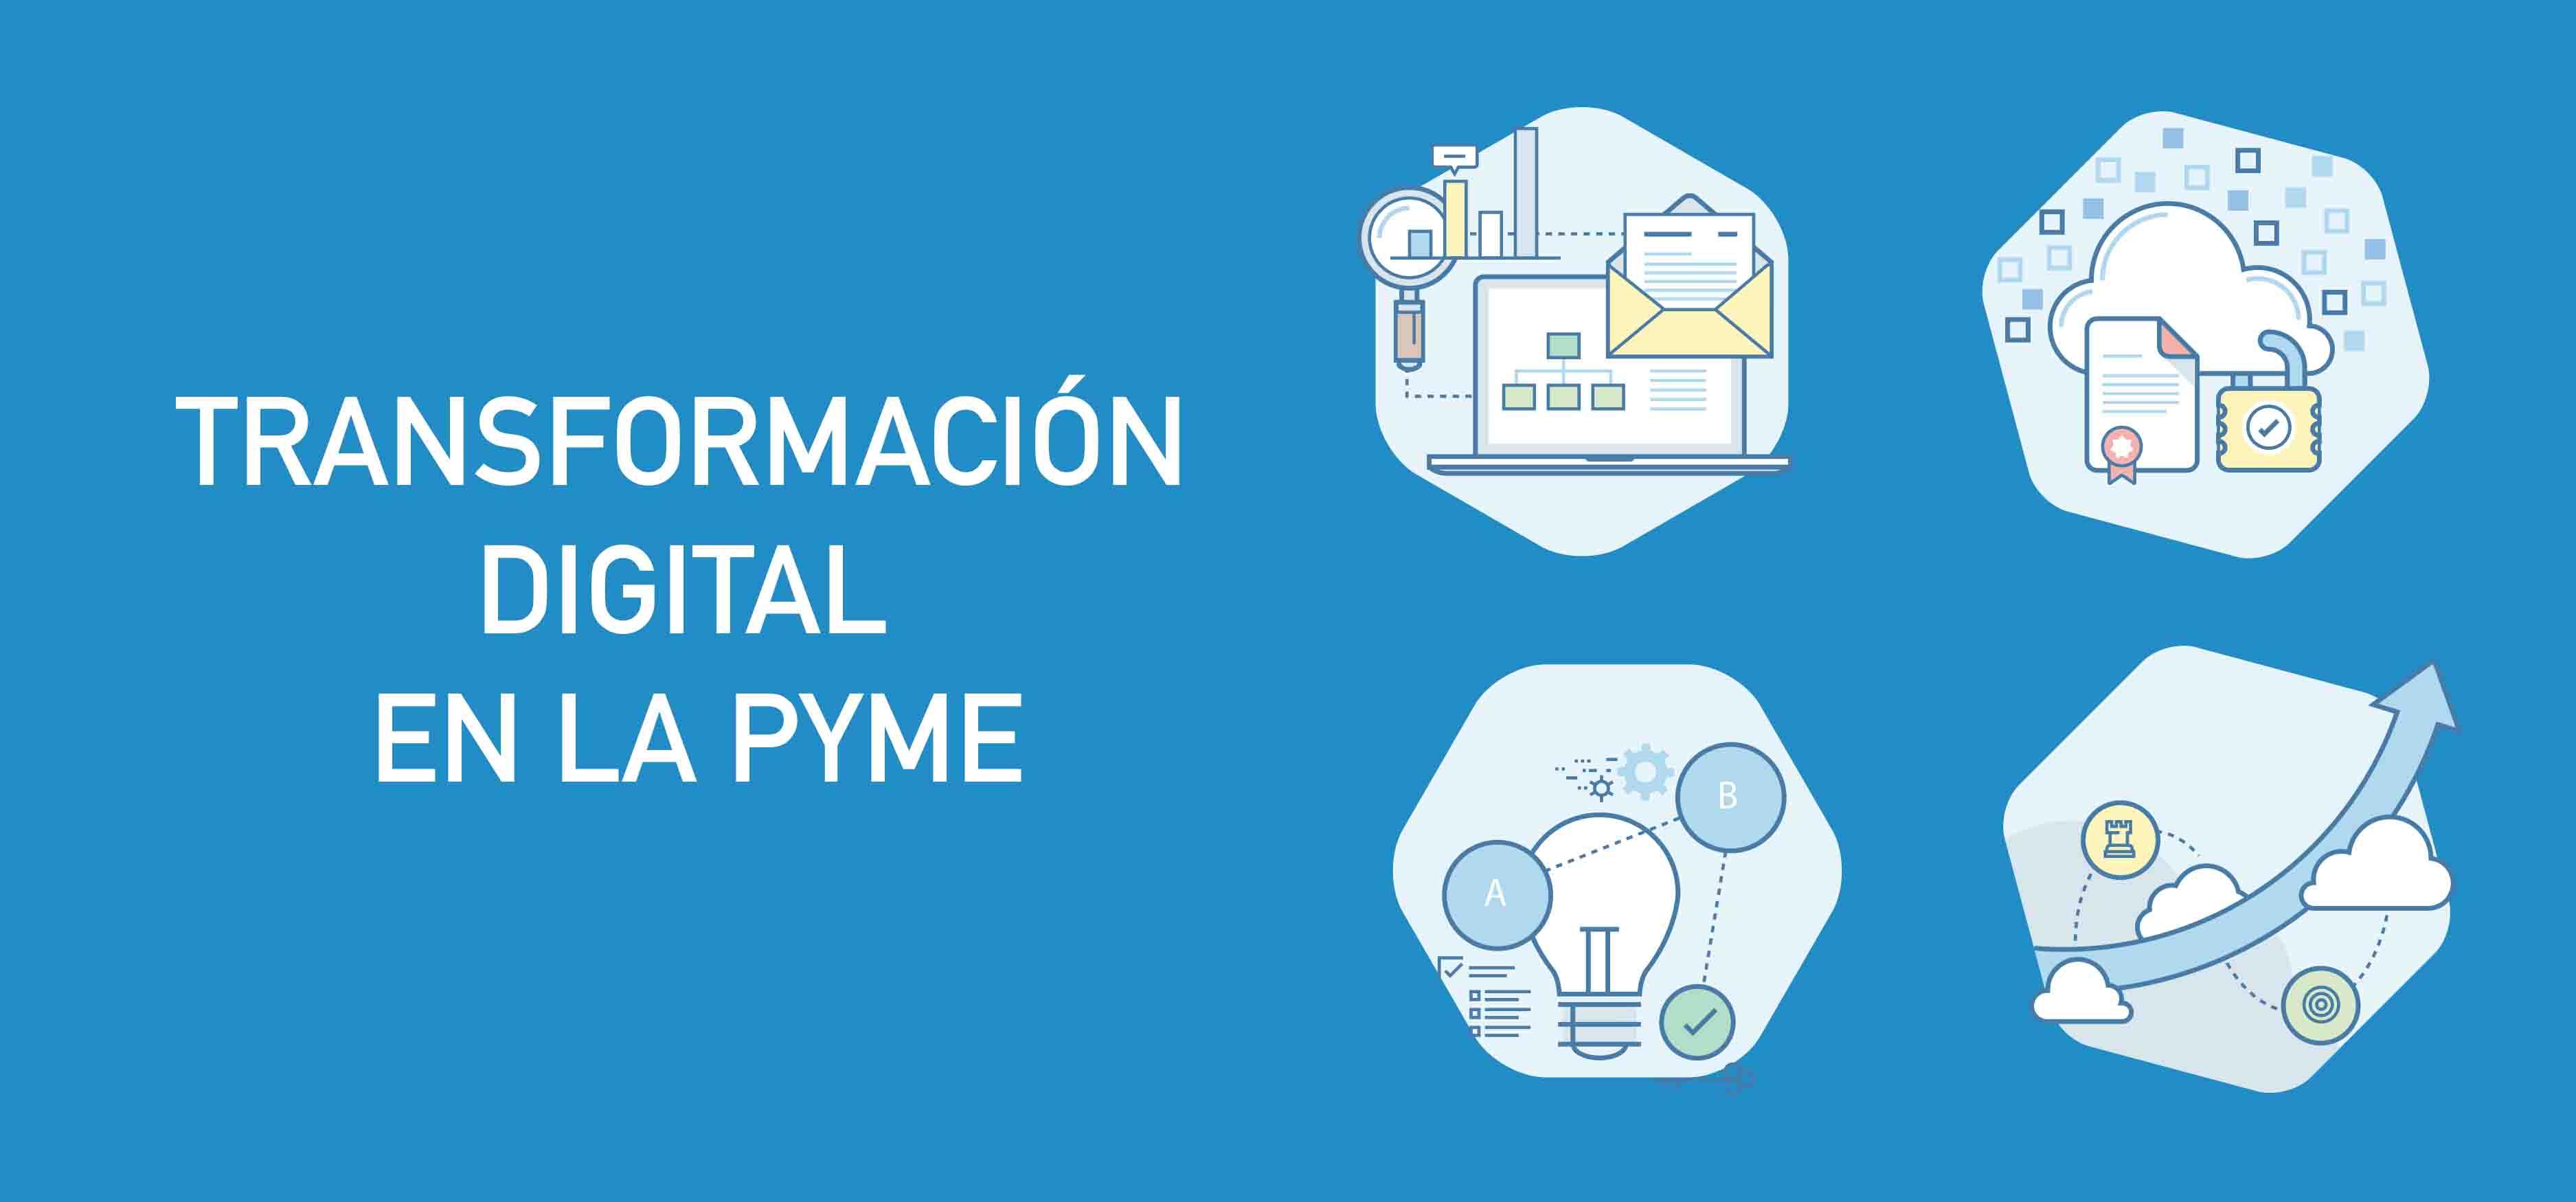 ¿Cómo afrontar la transformación digital siendo una pequeña empresa?